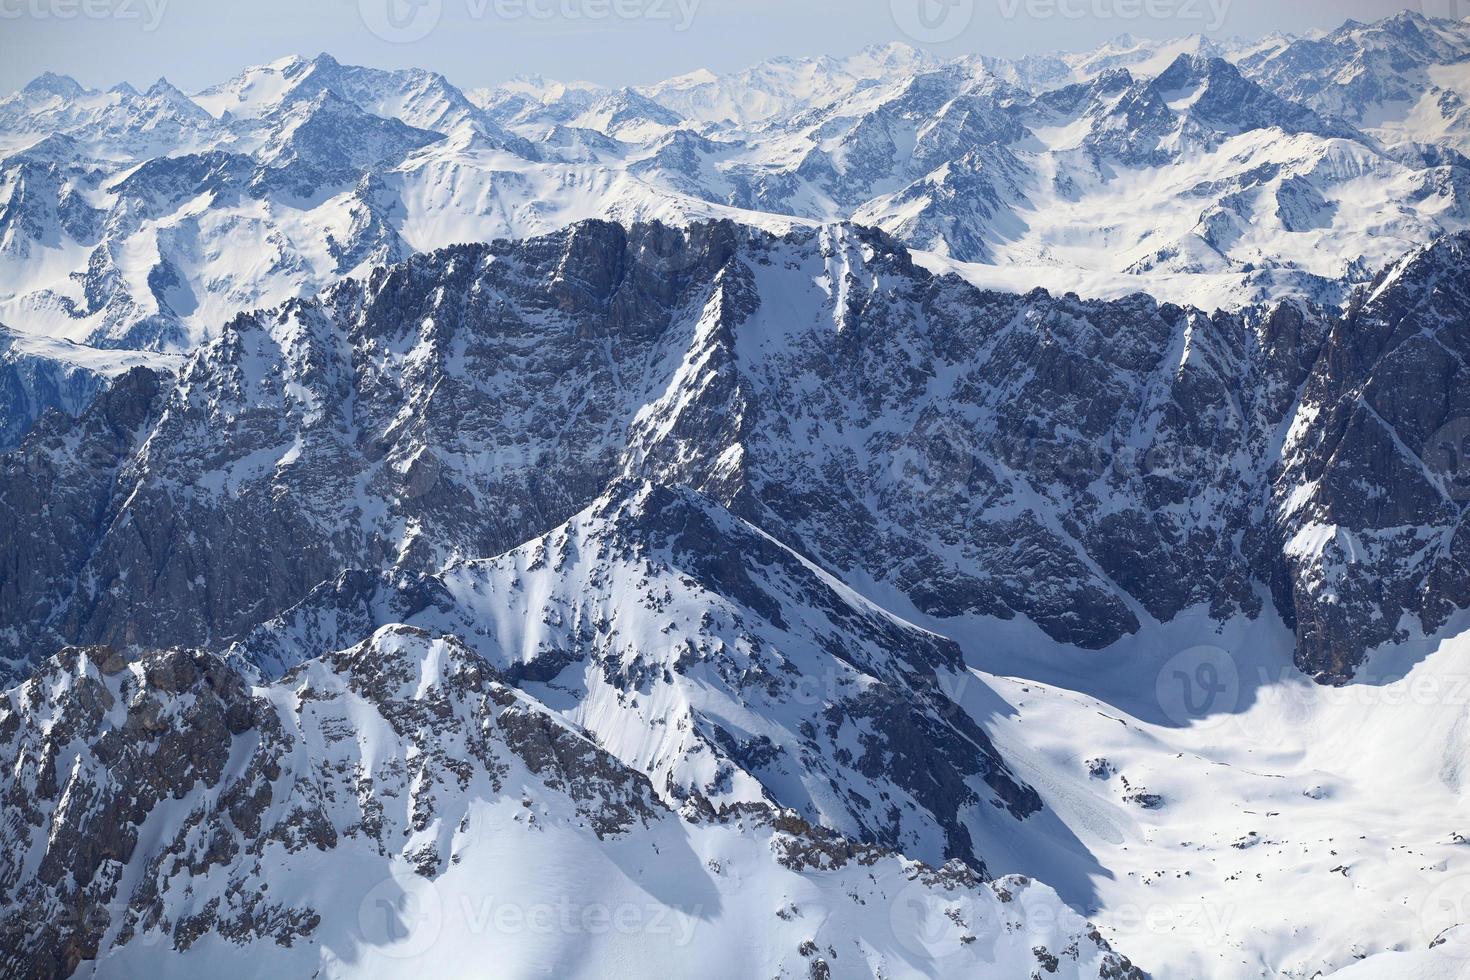 inverno coberto de neve montanha zugspitze na alemanha europa. foto